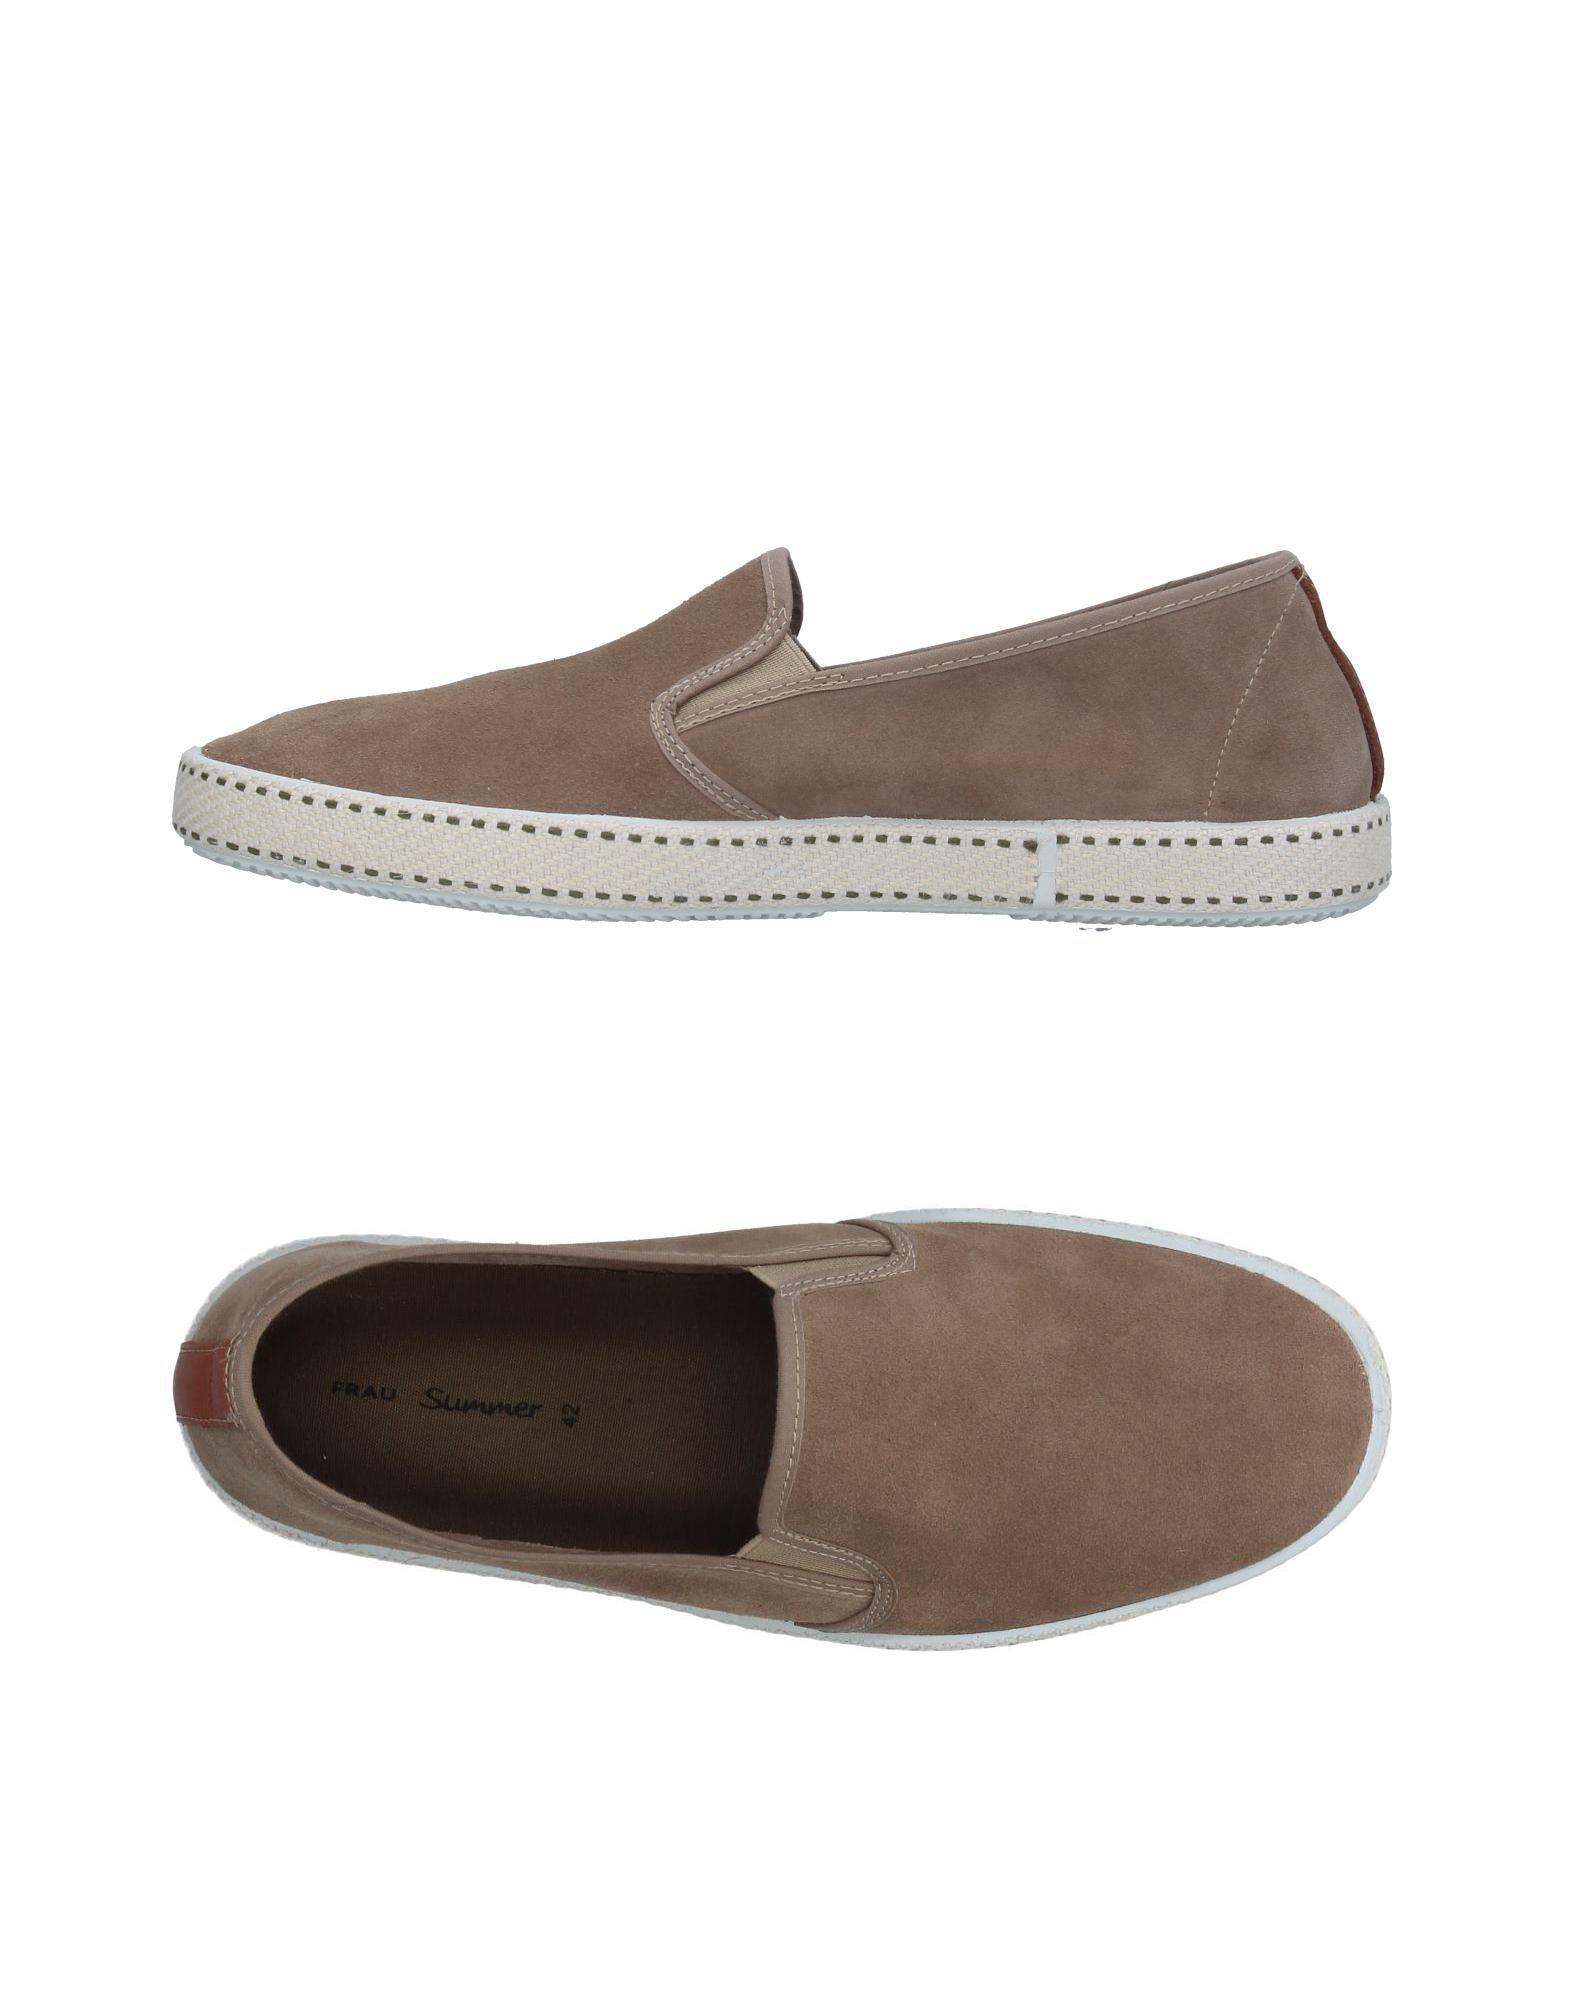 Sneakers Frau Homme - Sneakers Frau  Kaki Les chaussures les plus populaires pour les hommes et les femmes